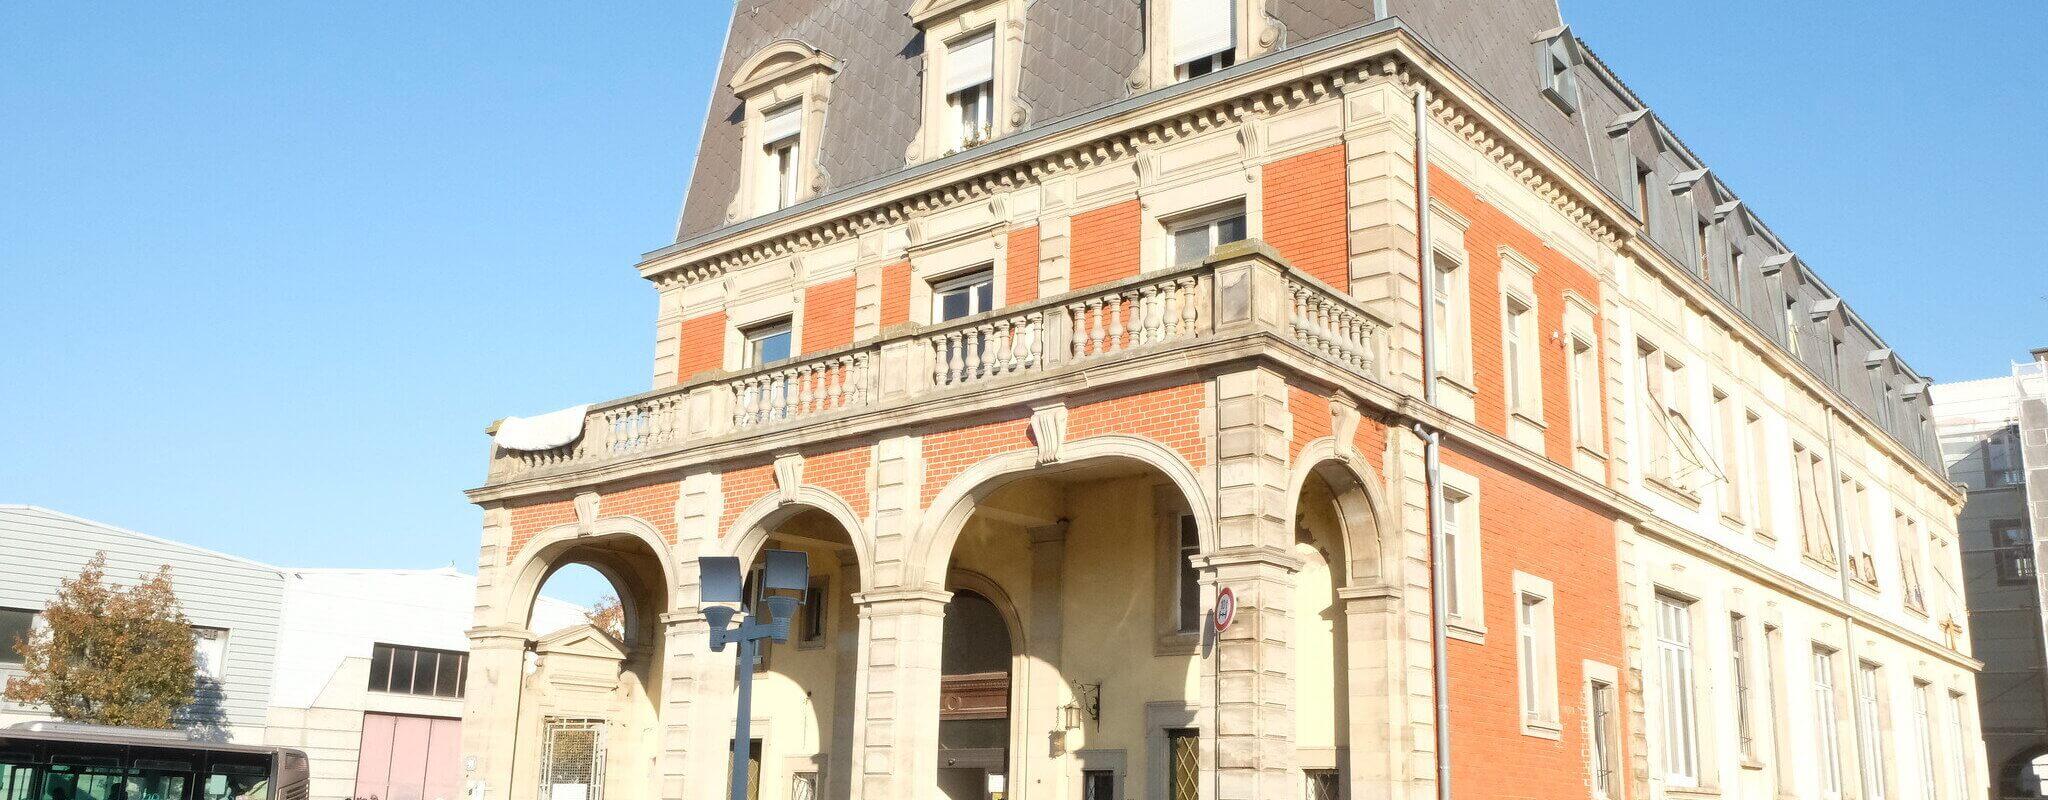 Fin de l'Hôtel de la rue en septembre, ses occupants bientôt relogés